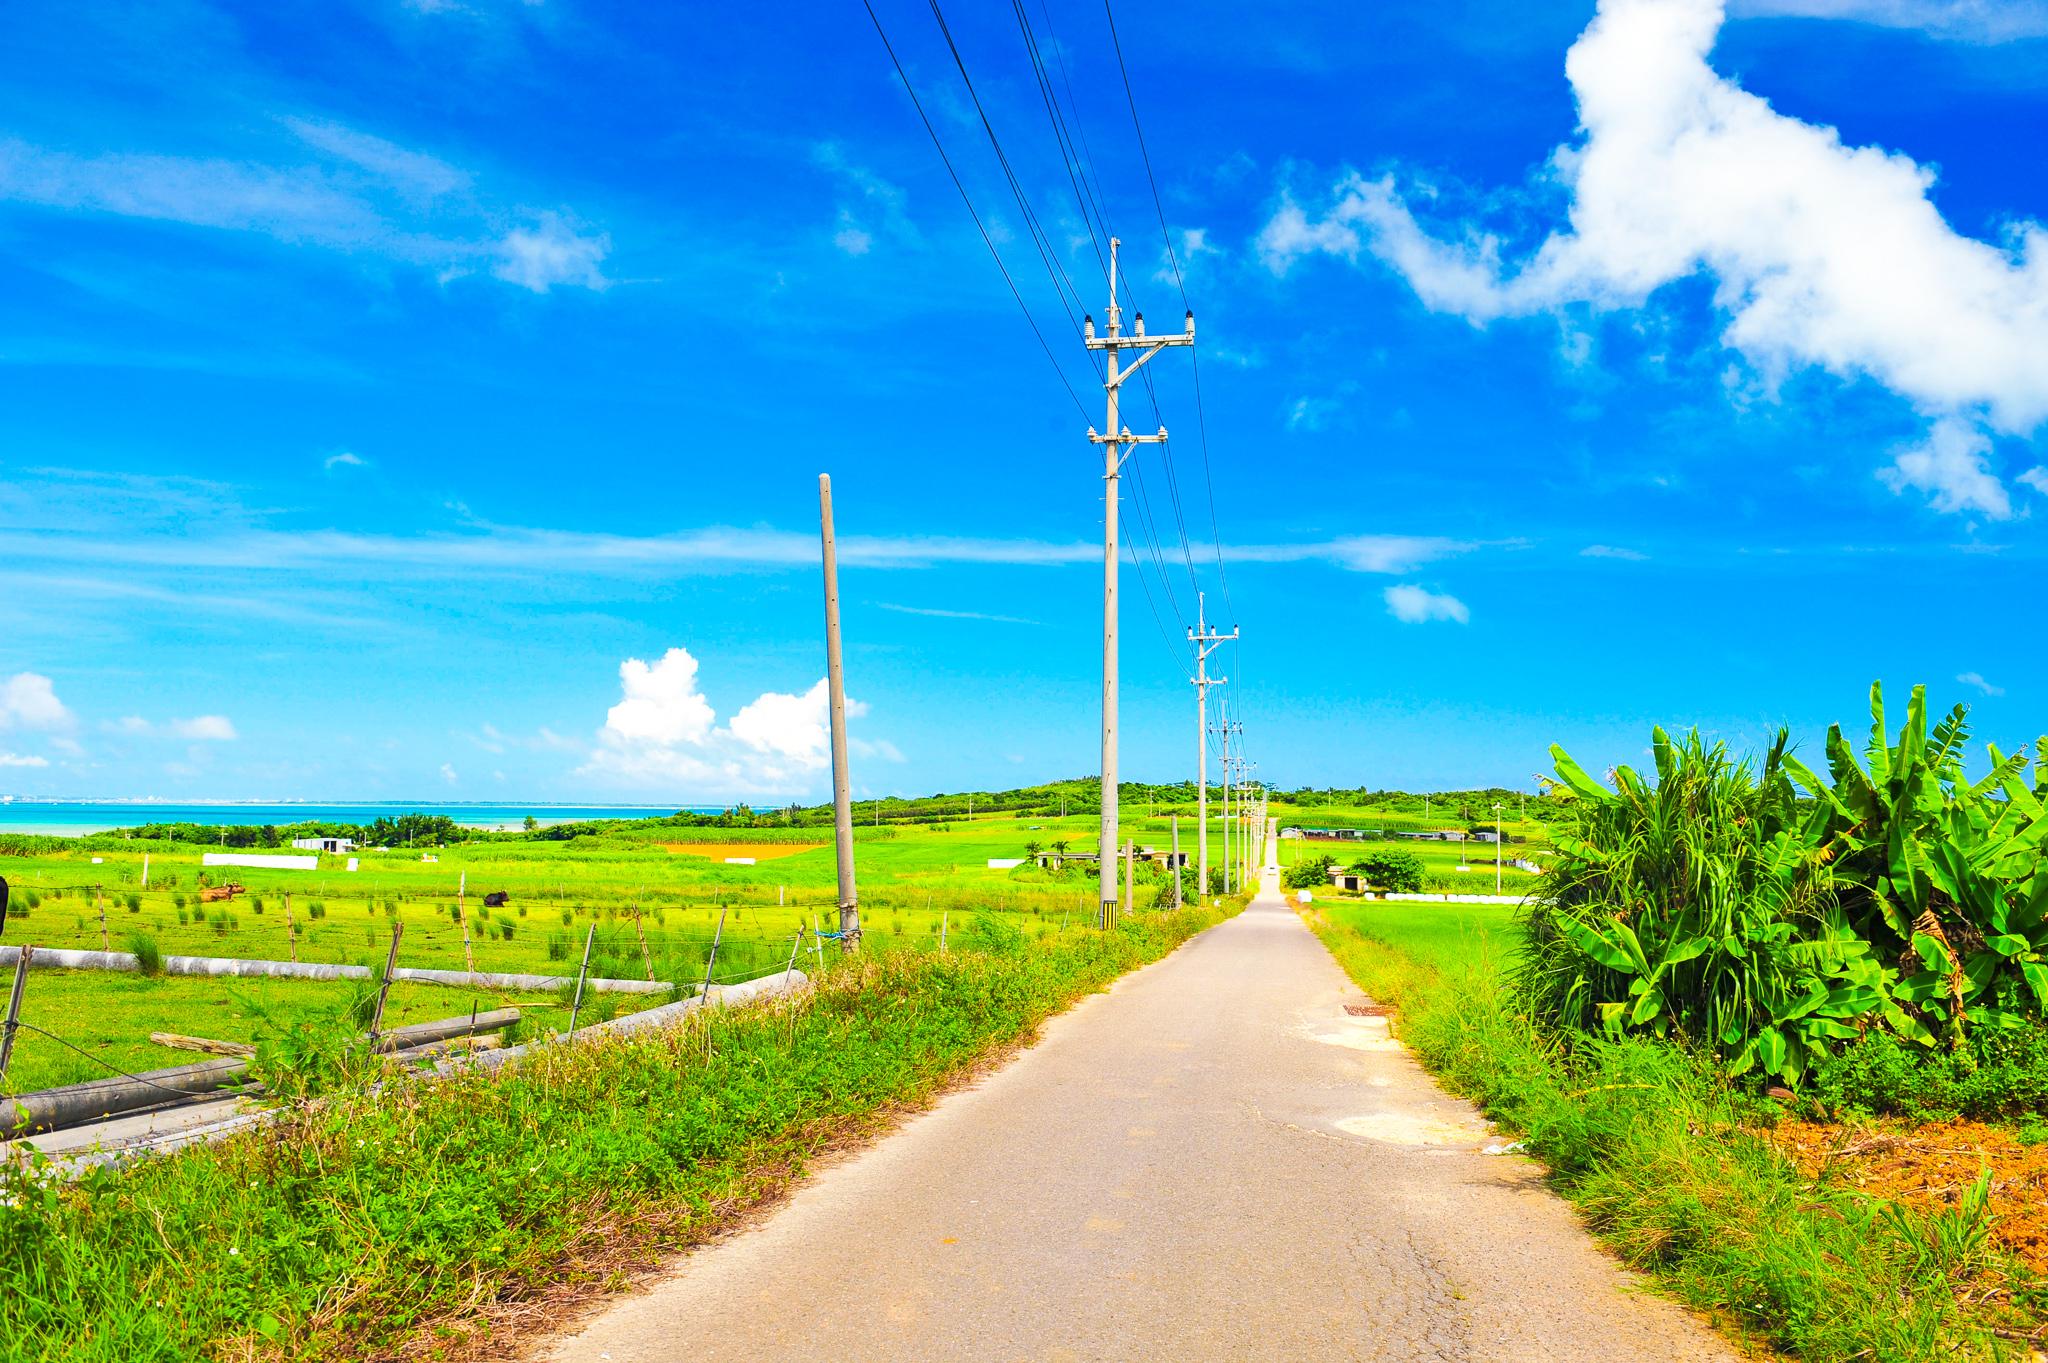 小浜島有数の見所であるシュガーロード